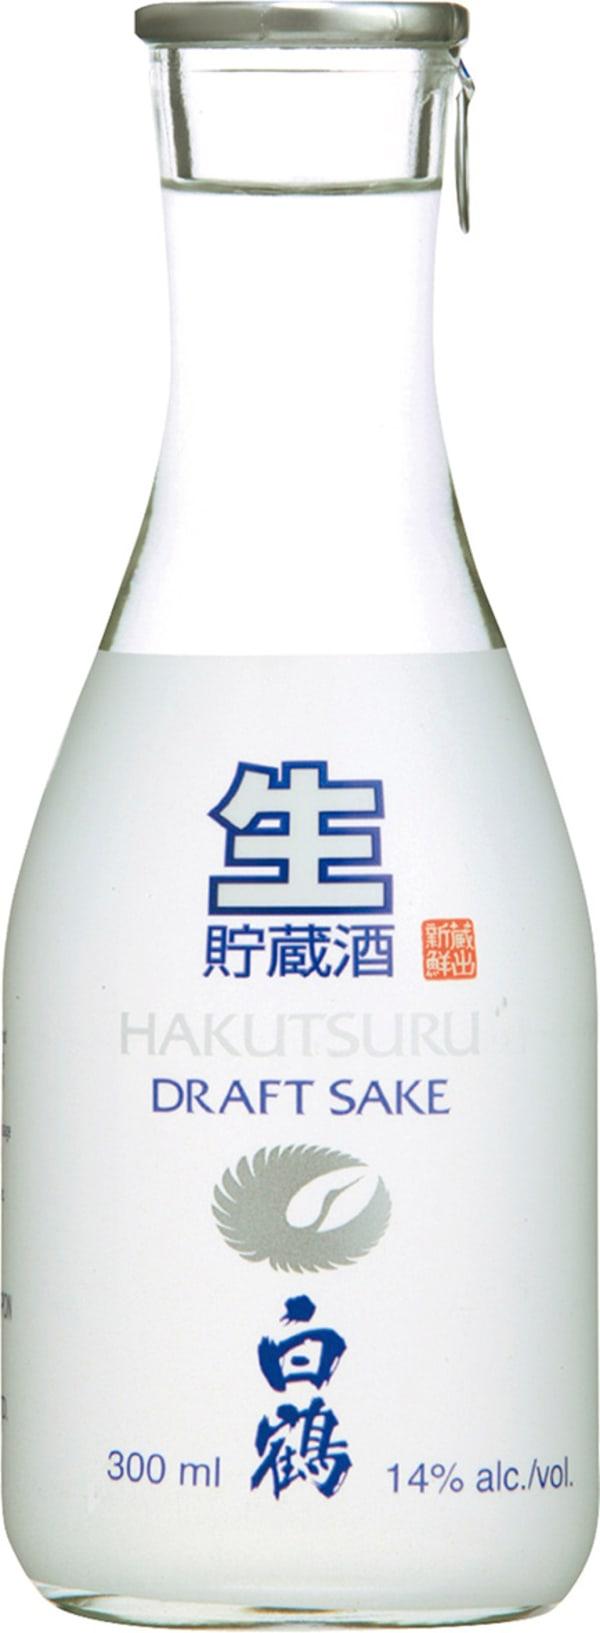 Hakutsuru Junmai Draft Sake